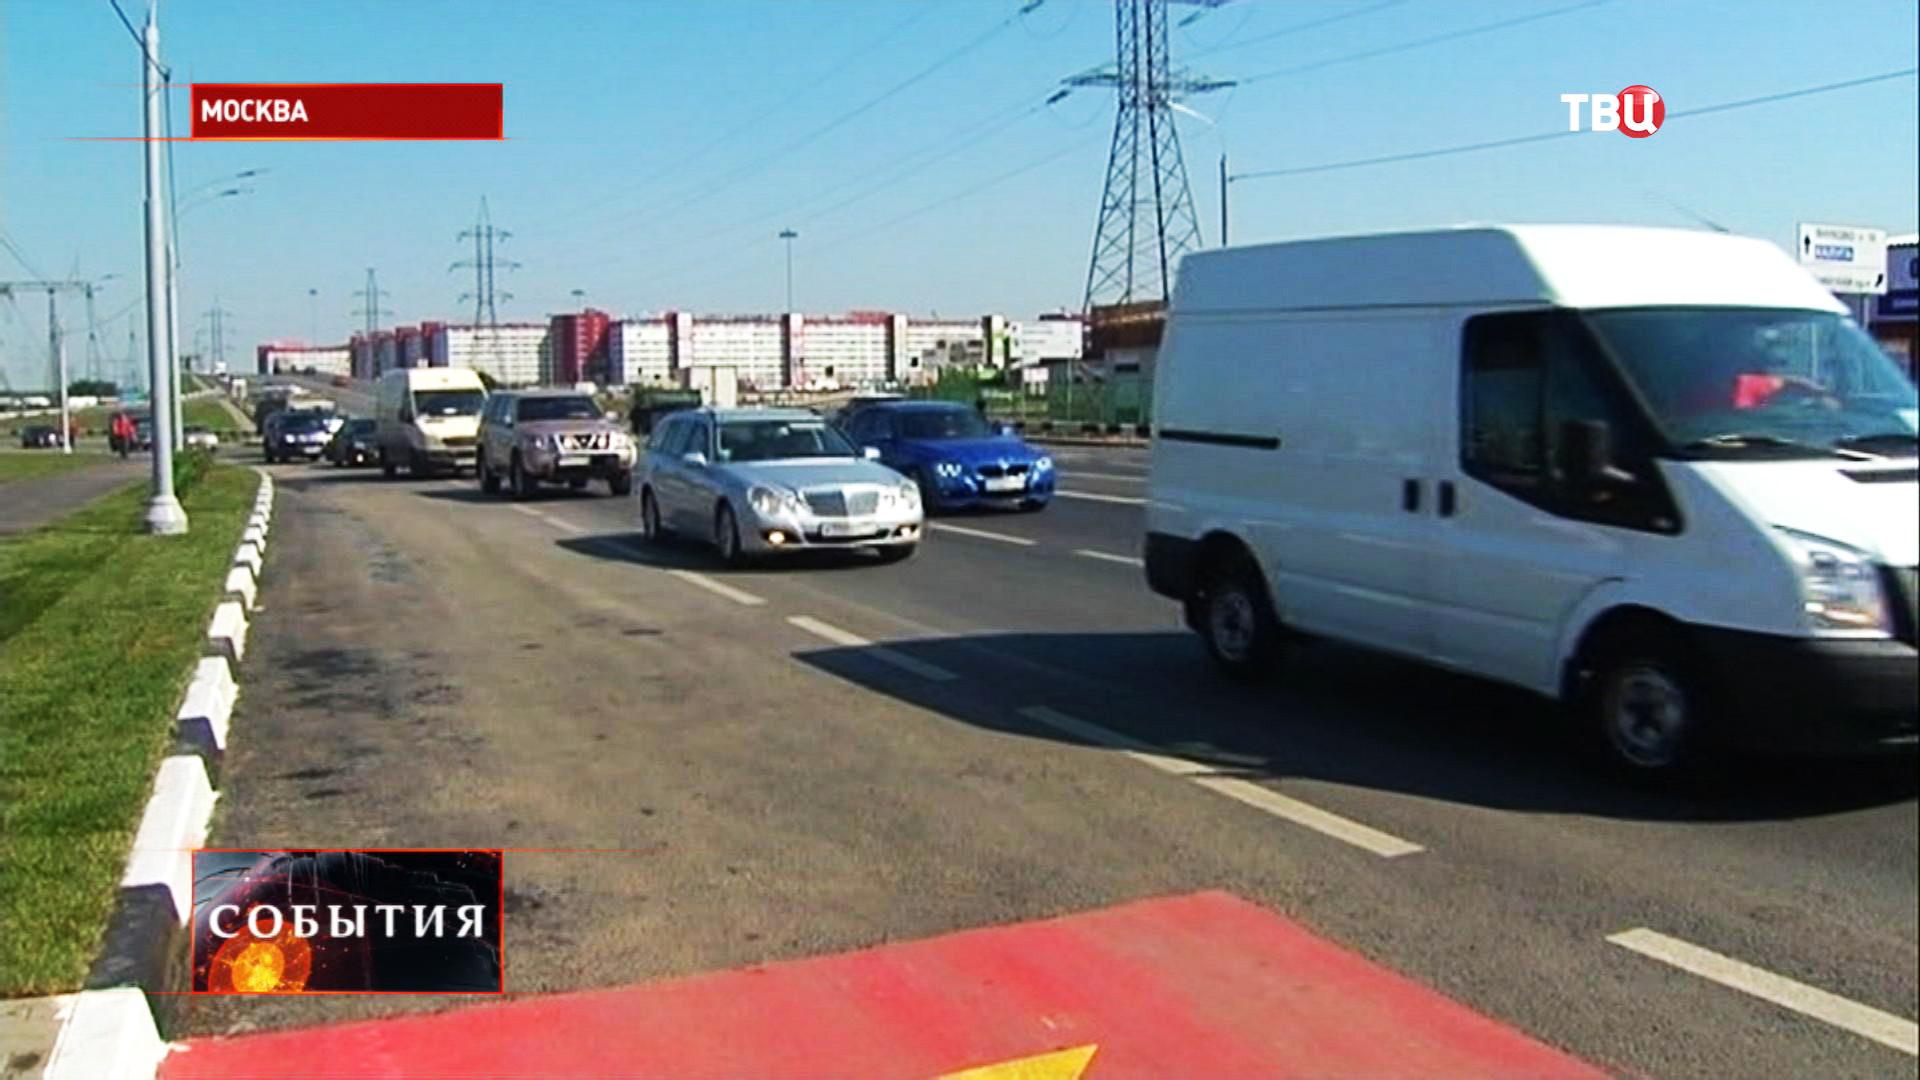 Отремонтированный участок дороги между Киевским и Калужским шоссе